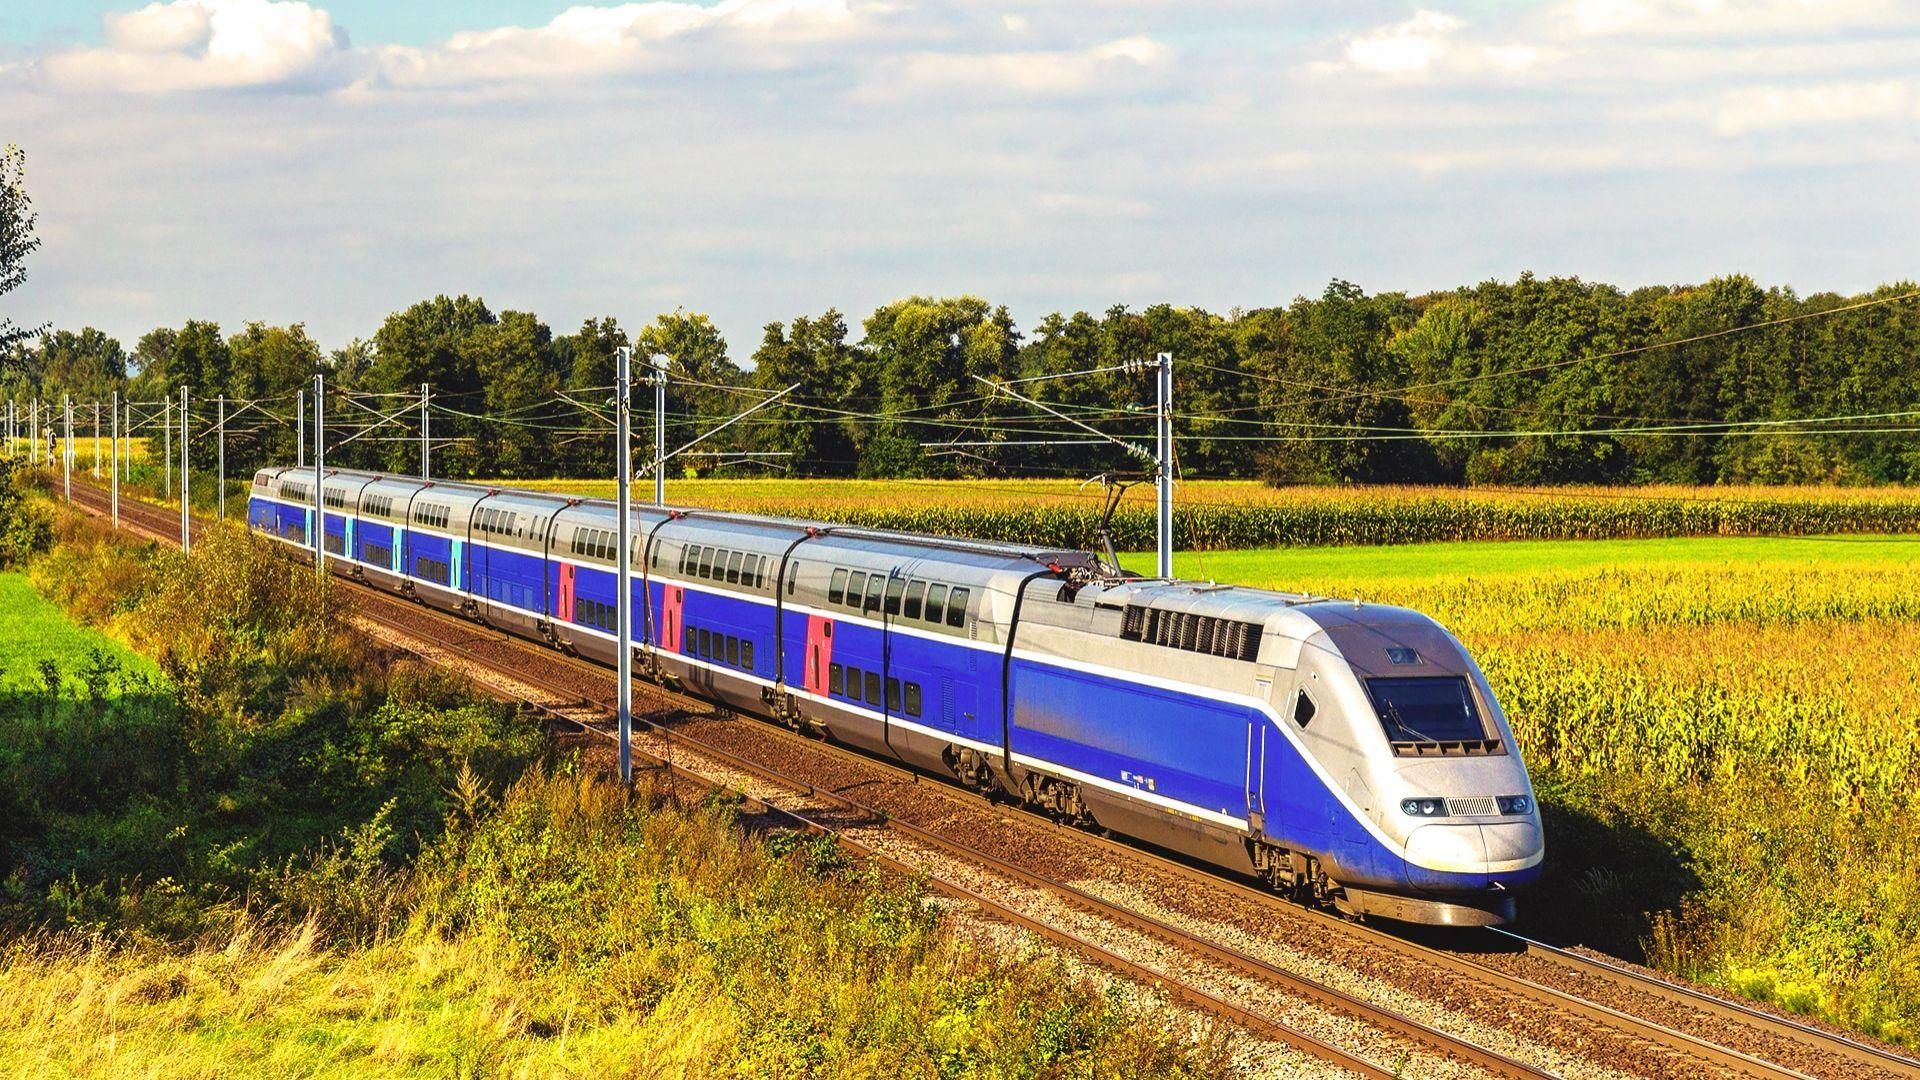 Keliaudami traukiniu galėsite pasigrožėti gamtos peizažais